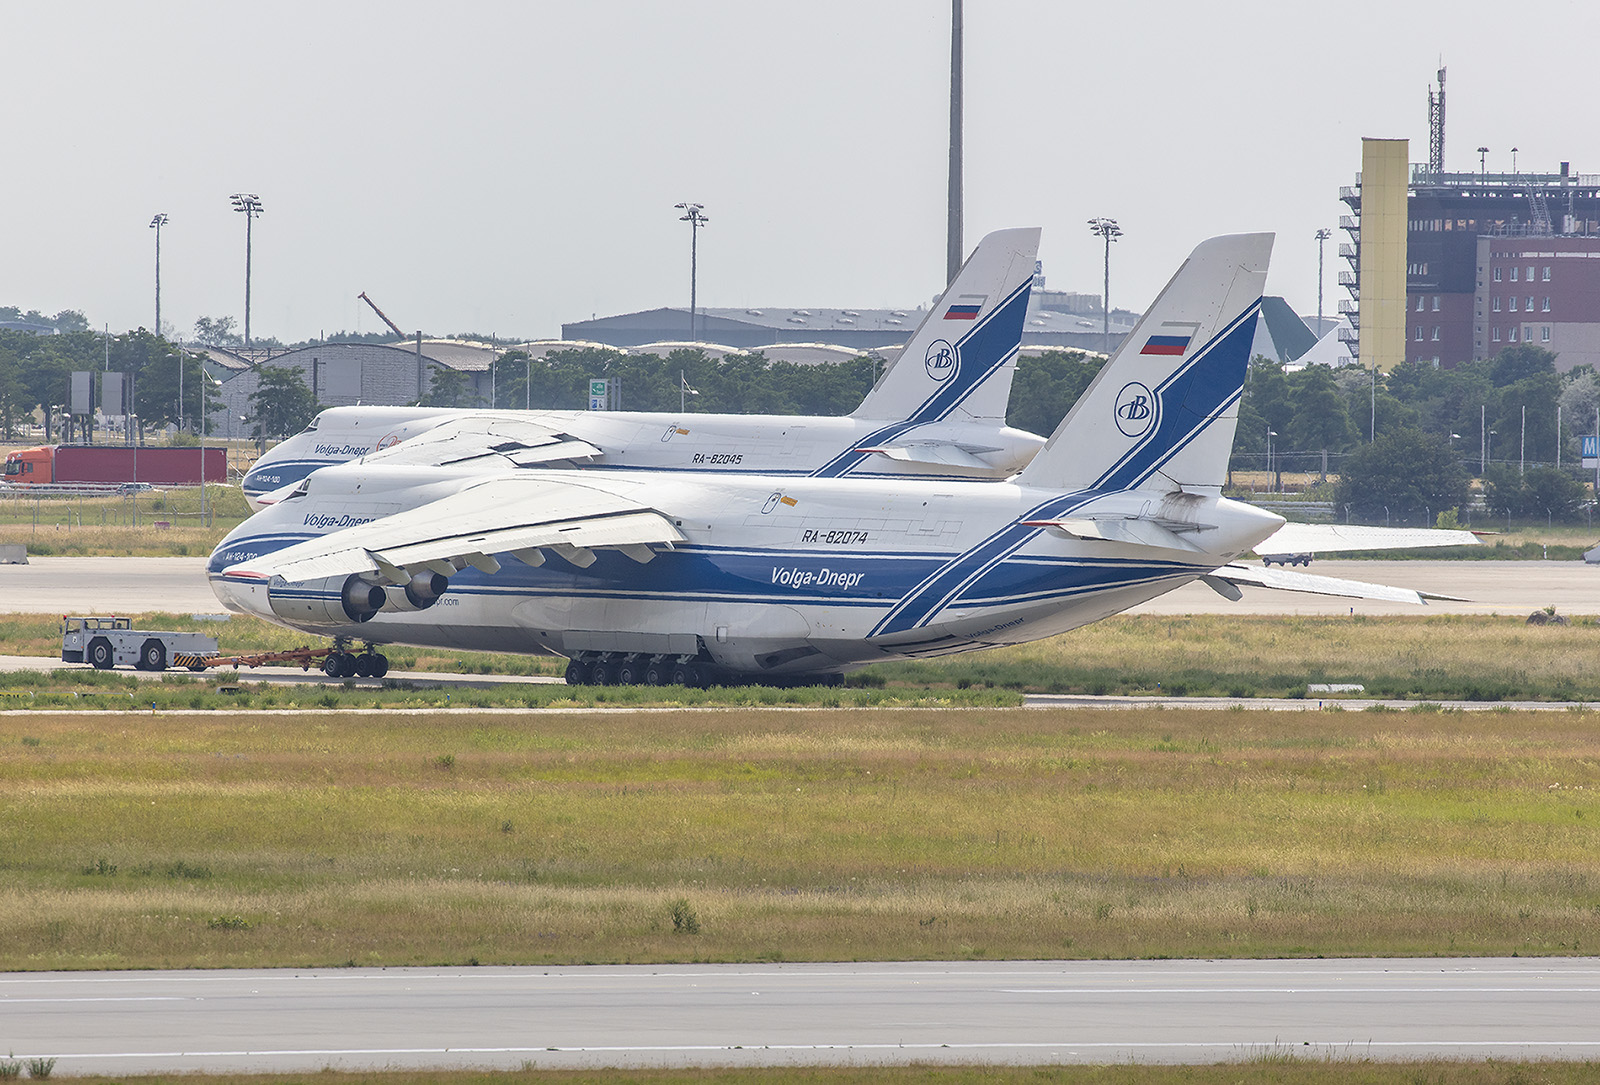 Diese läßt ihre Antonov 124 in eipzig warten.